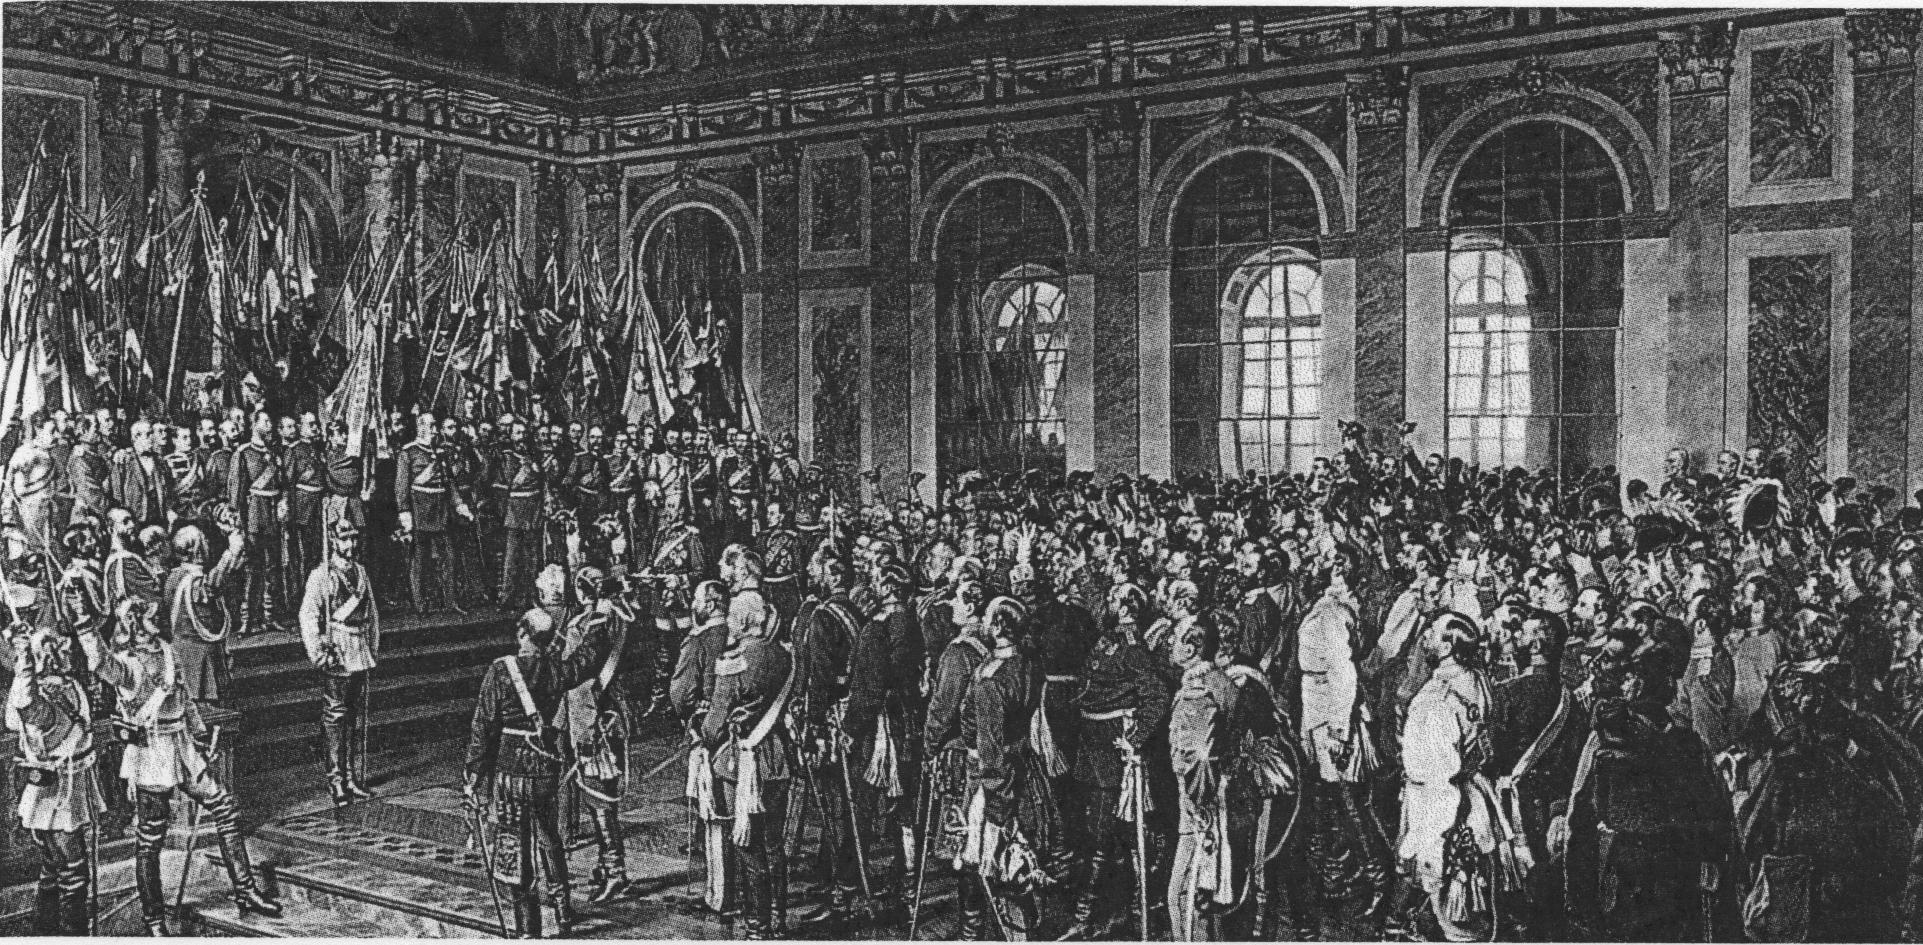 Die Proklamierung des deutschen Kaiserreiches (18. Januar 1871) (erste Fassung 1877) • Anton von Werner • Public domain